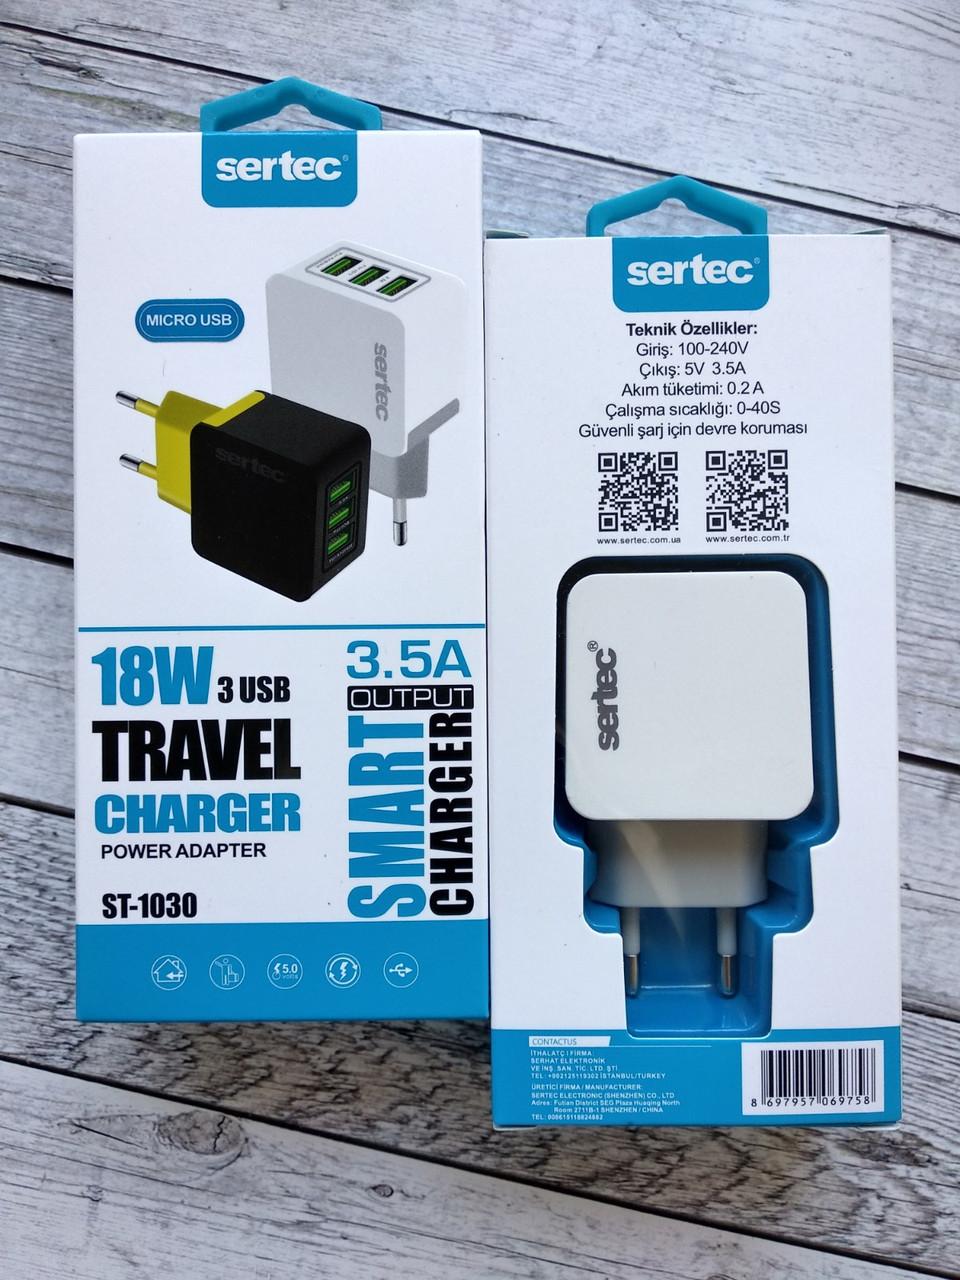 Купить Зарядные устройства для портативной техники, Зарядное устройство Sertec ST-1030 18W/3.5A 3 Usb + кабель Micro Usb White